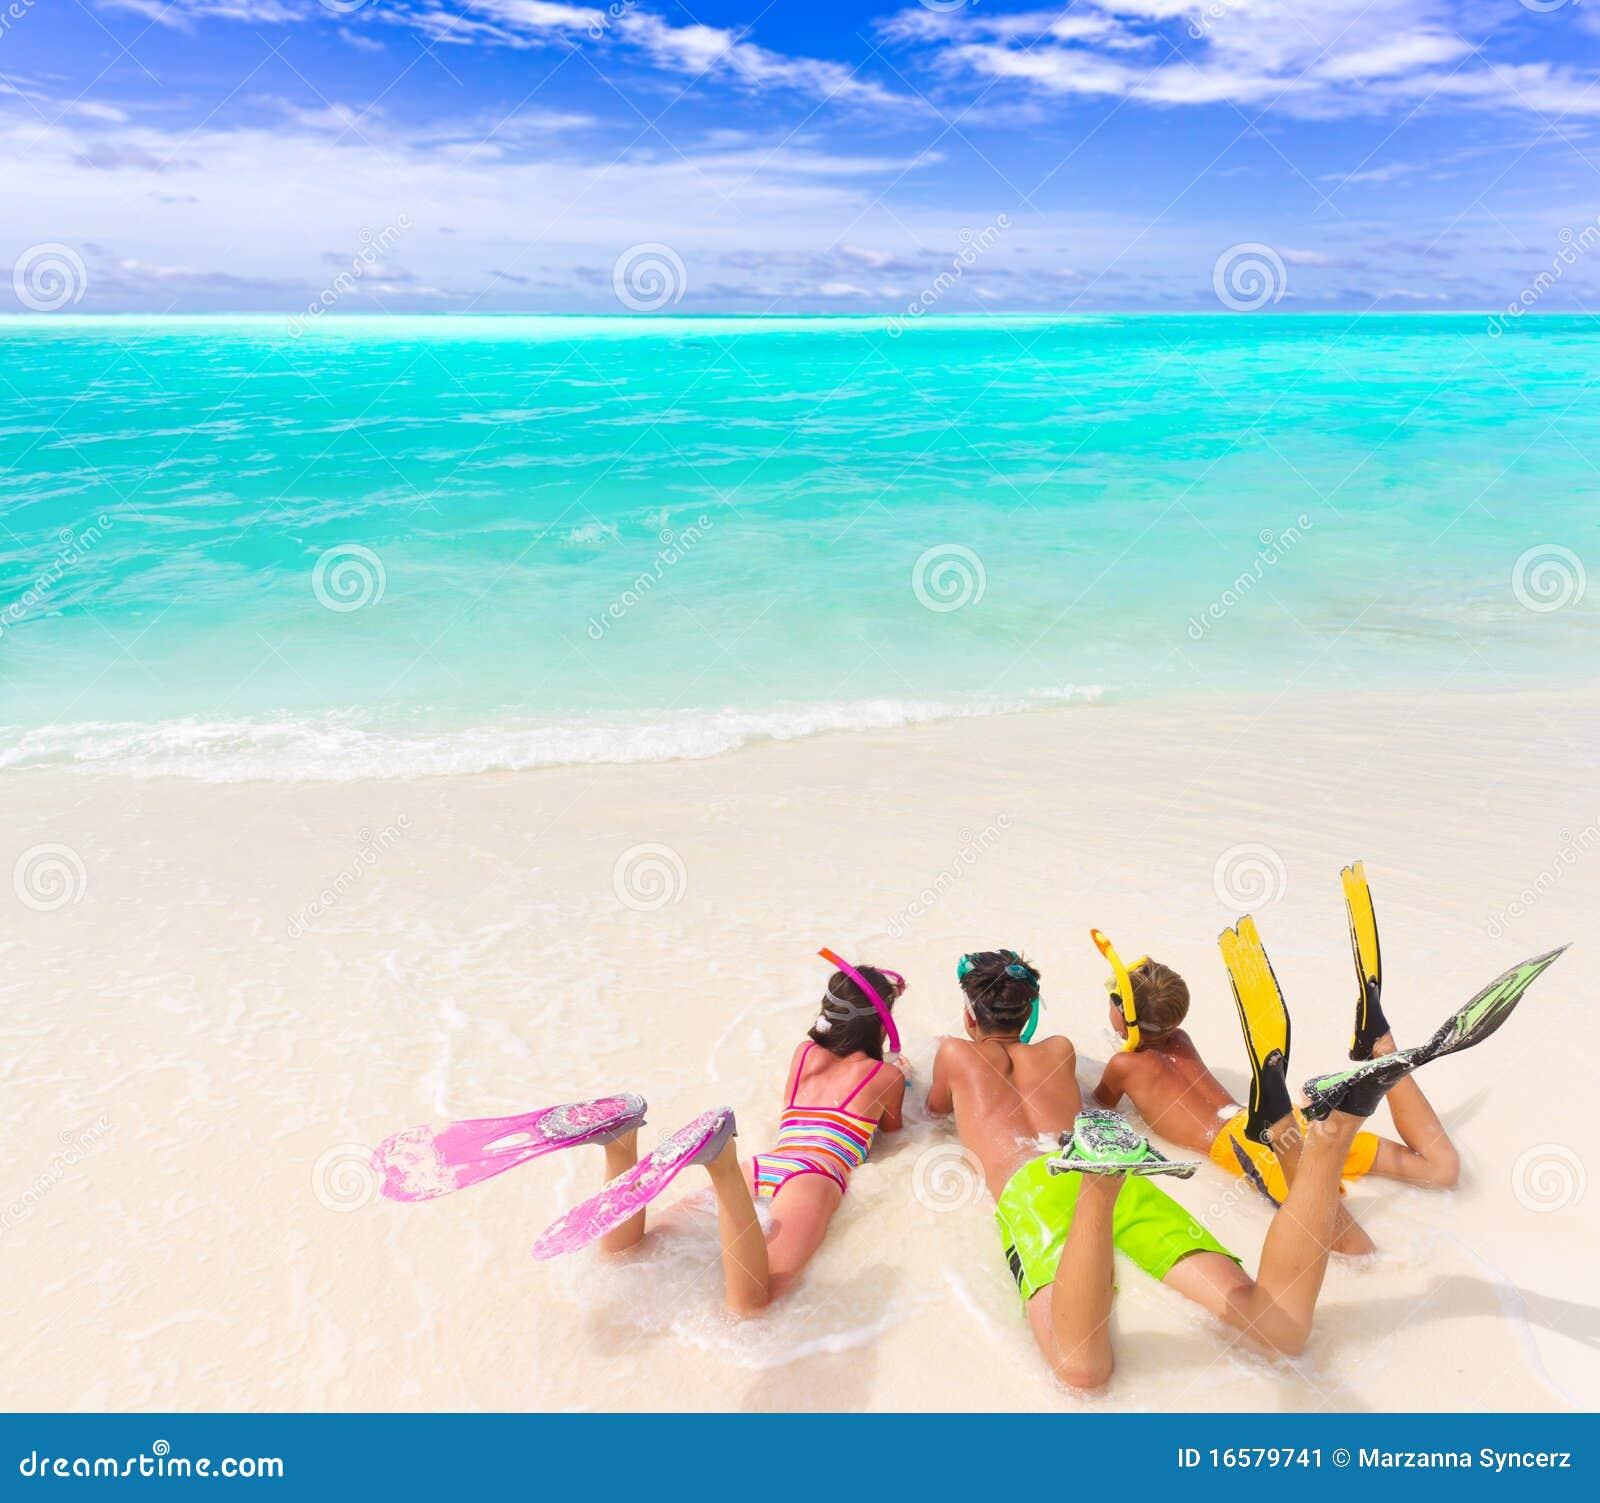 Kinder auf Strand mit Sturzfluggang